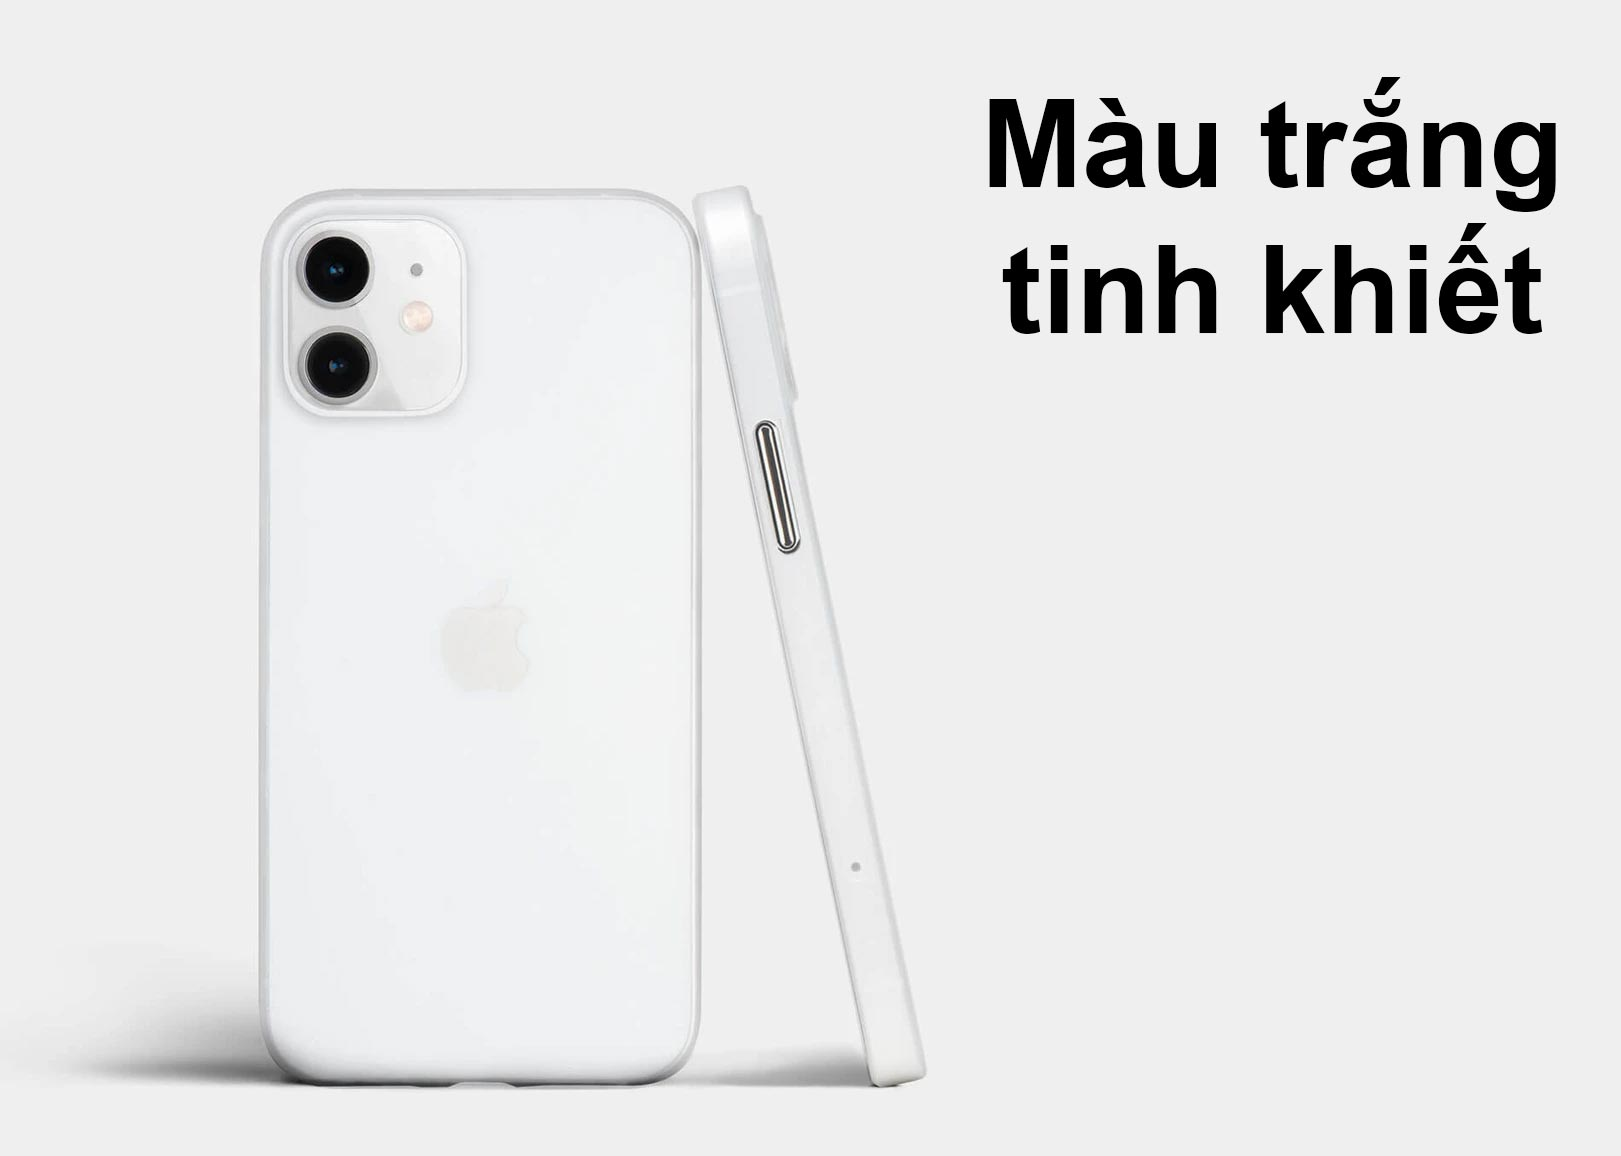 iPhone 12 Mini 64 GB | Màu trắng tinh khiết